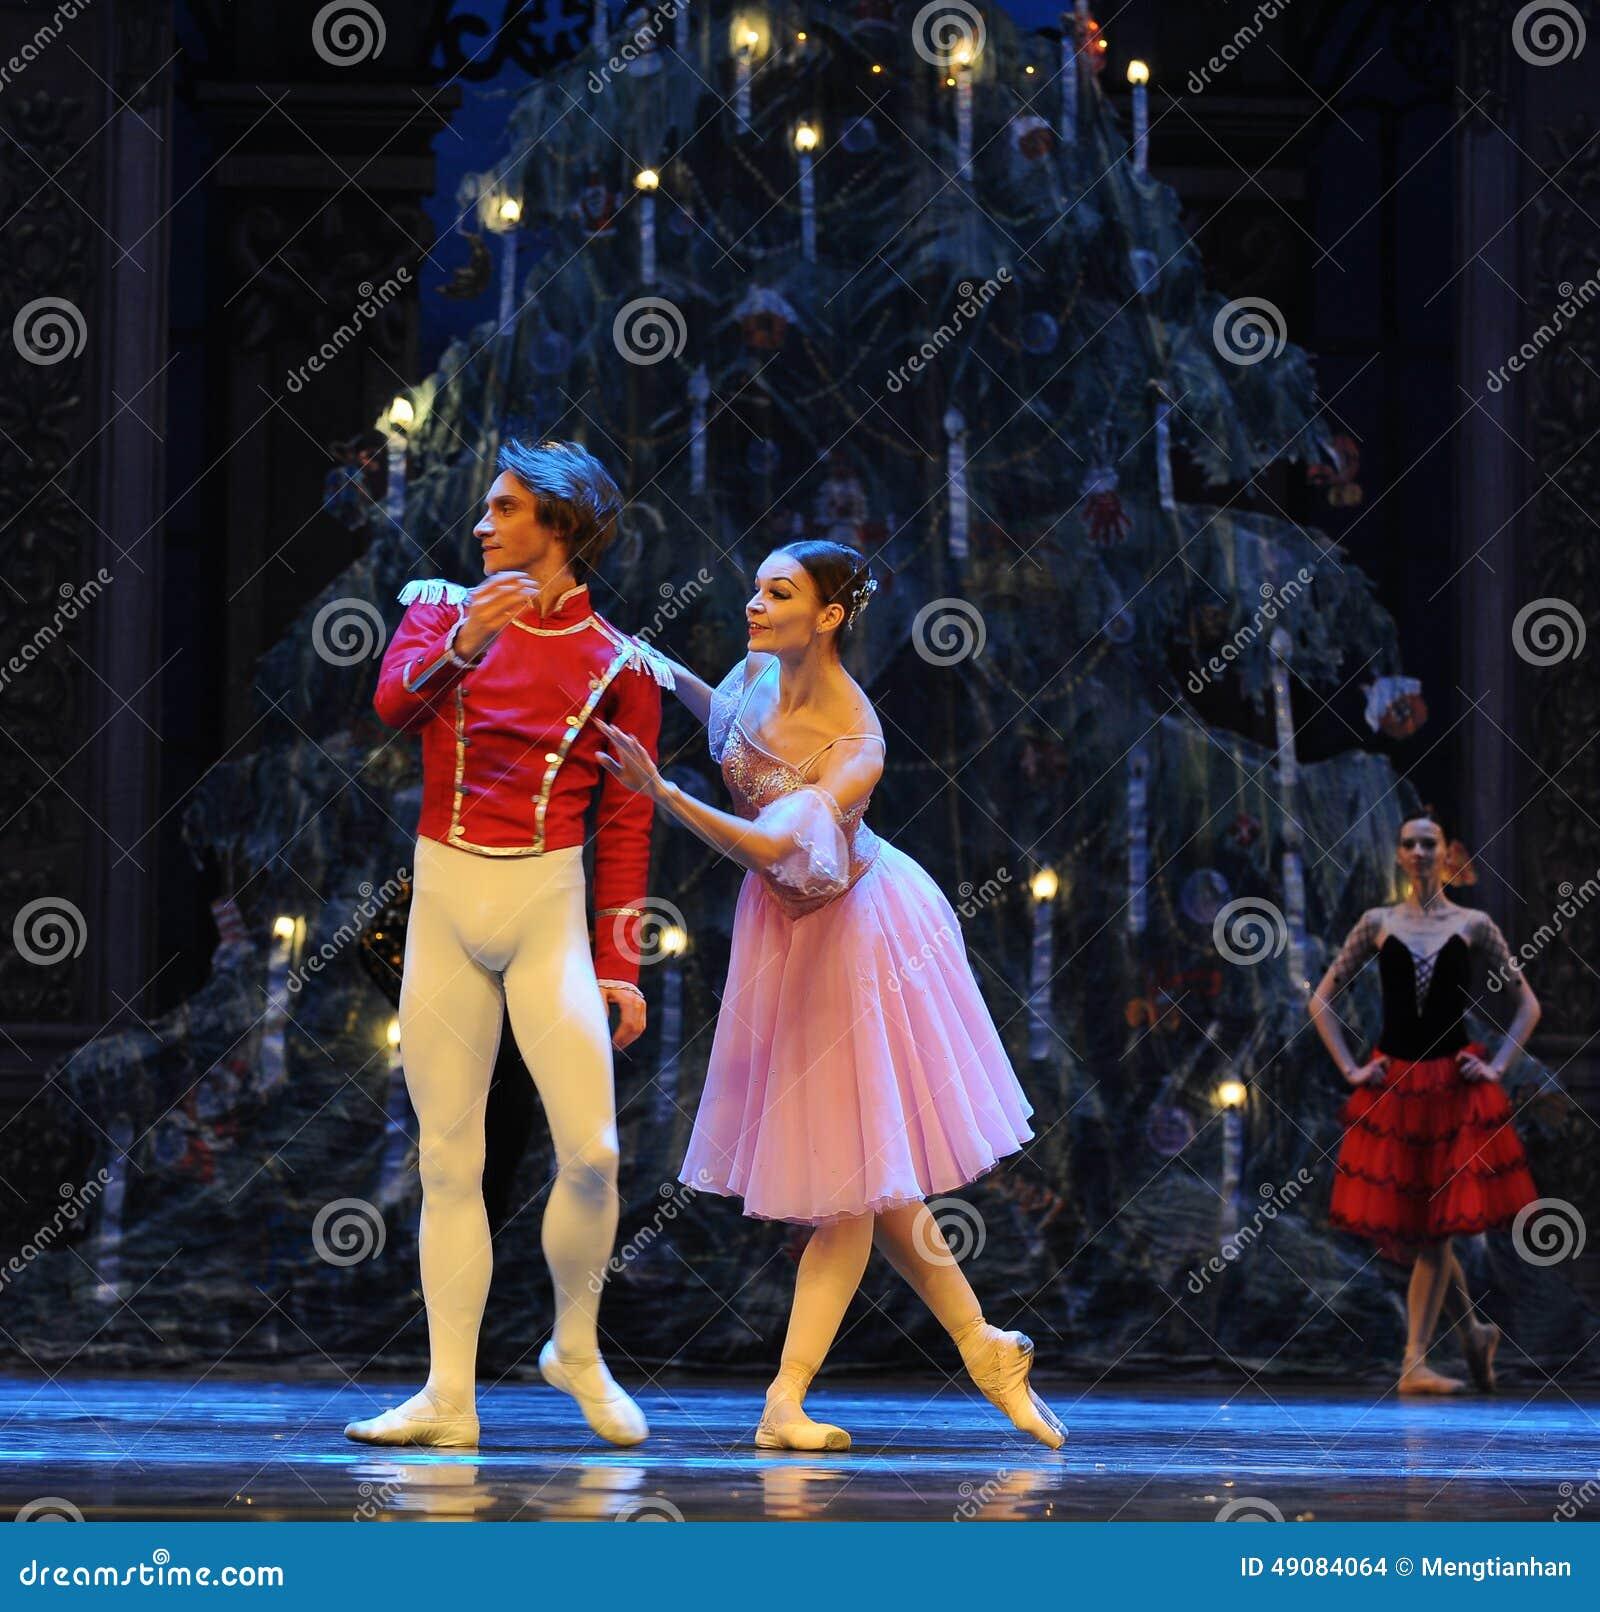 Clara keek rond merkwaardig het het suikergoedkoninkrijk van het tweede handelings tweede gebied - de Balletnotekraker